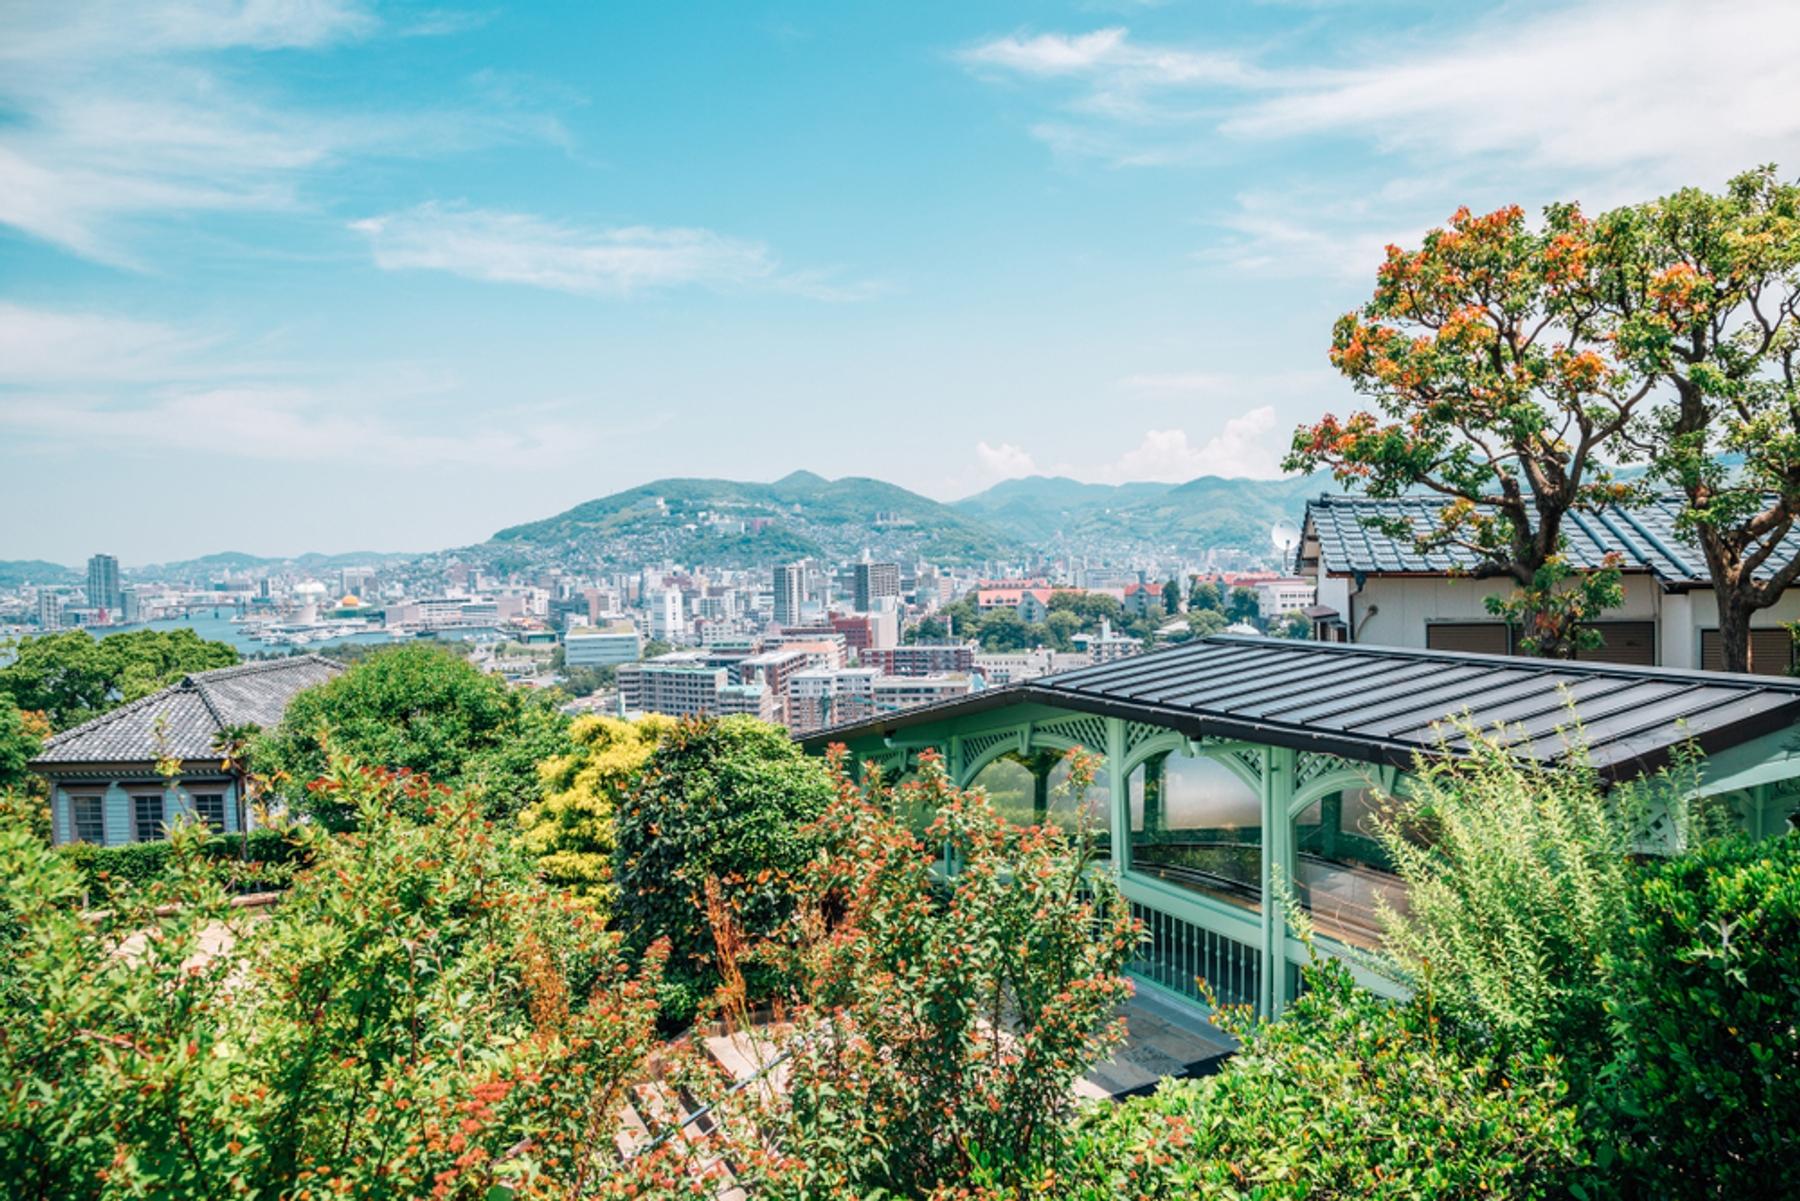 長崎県 グラバー園から望む長崎市内の景色